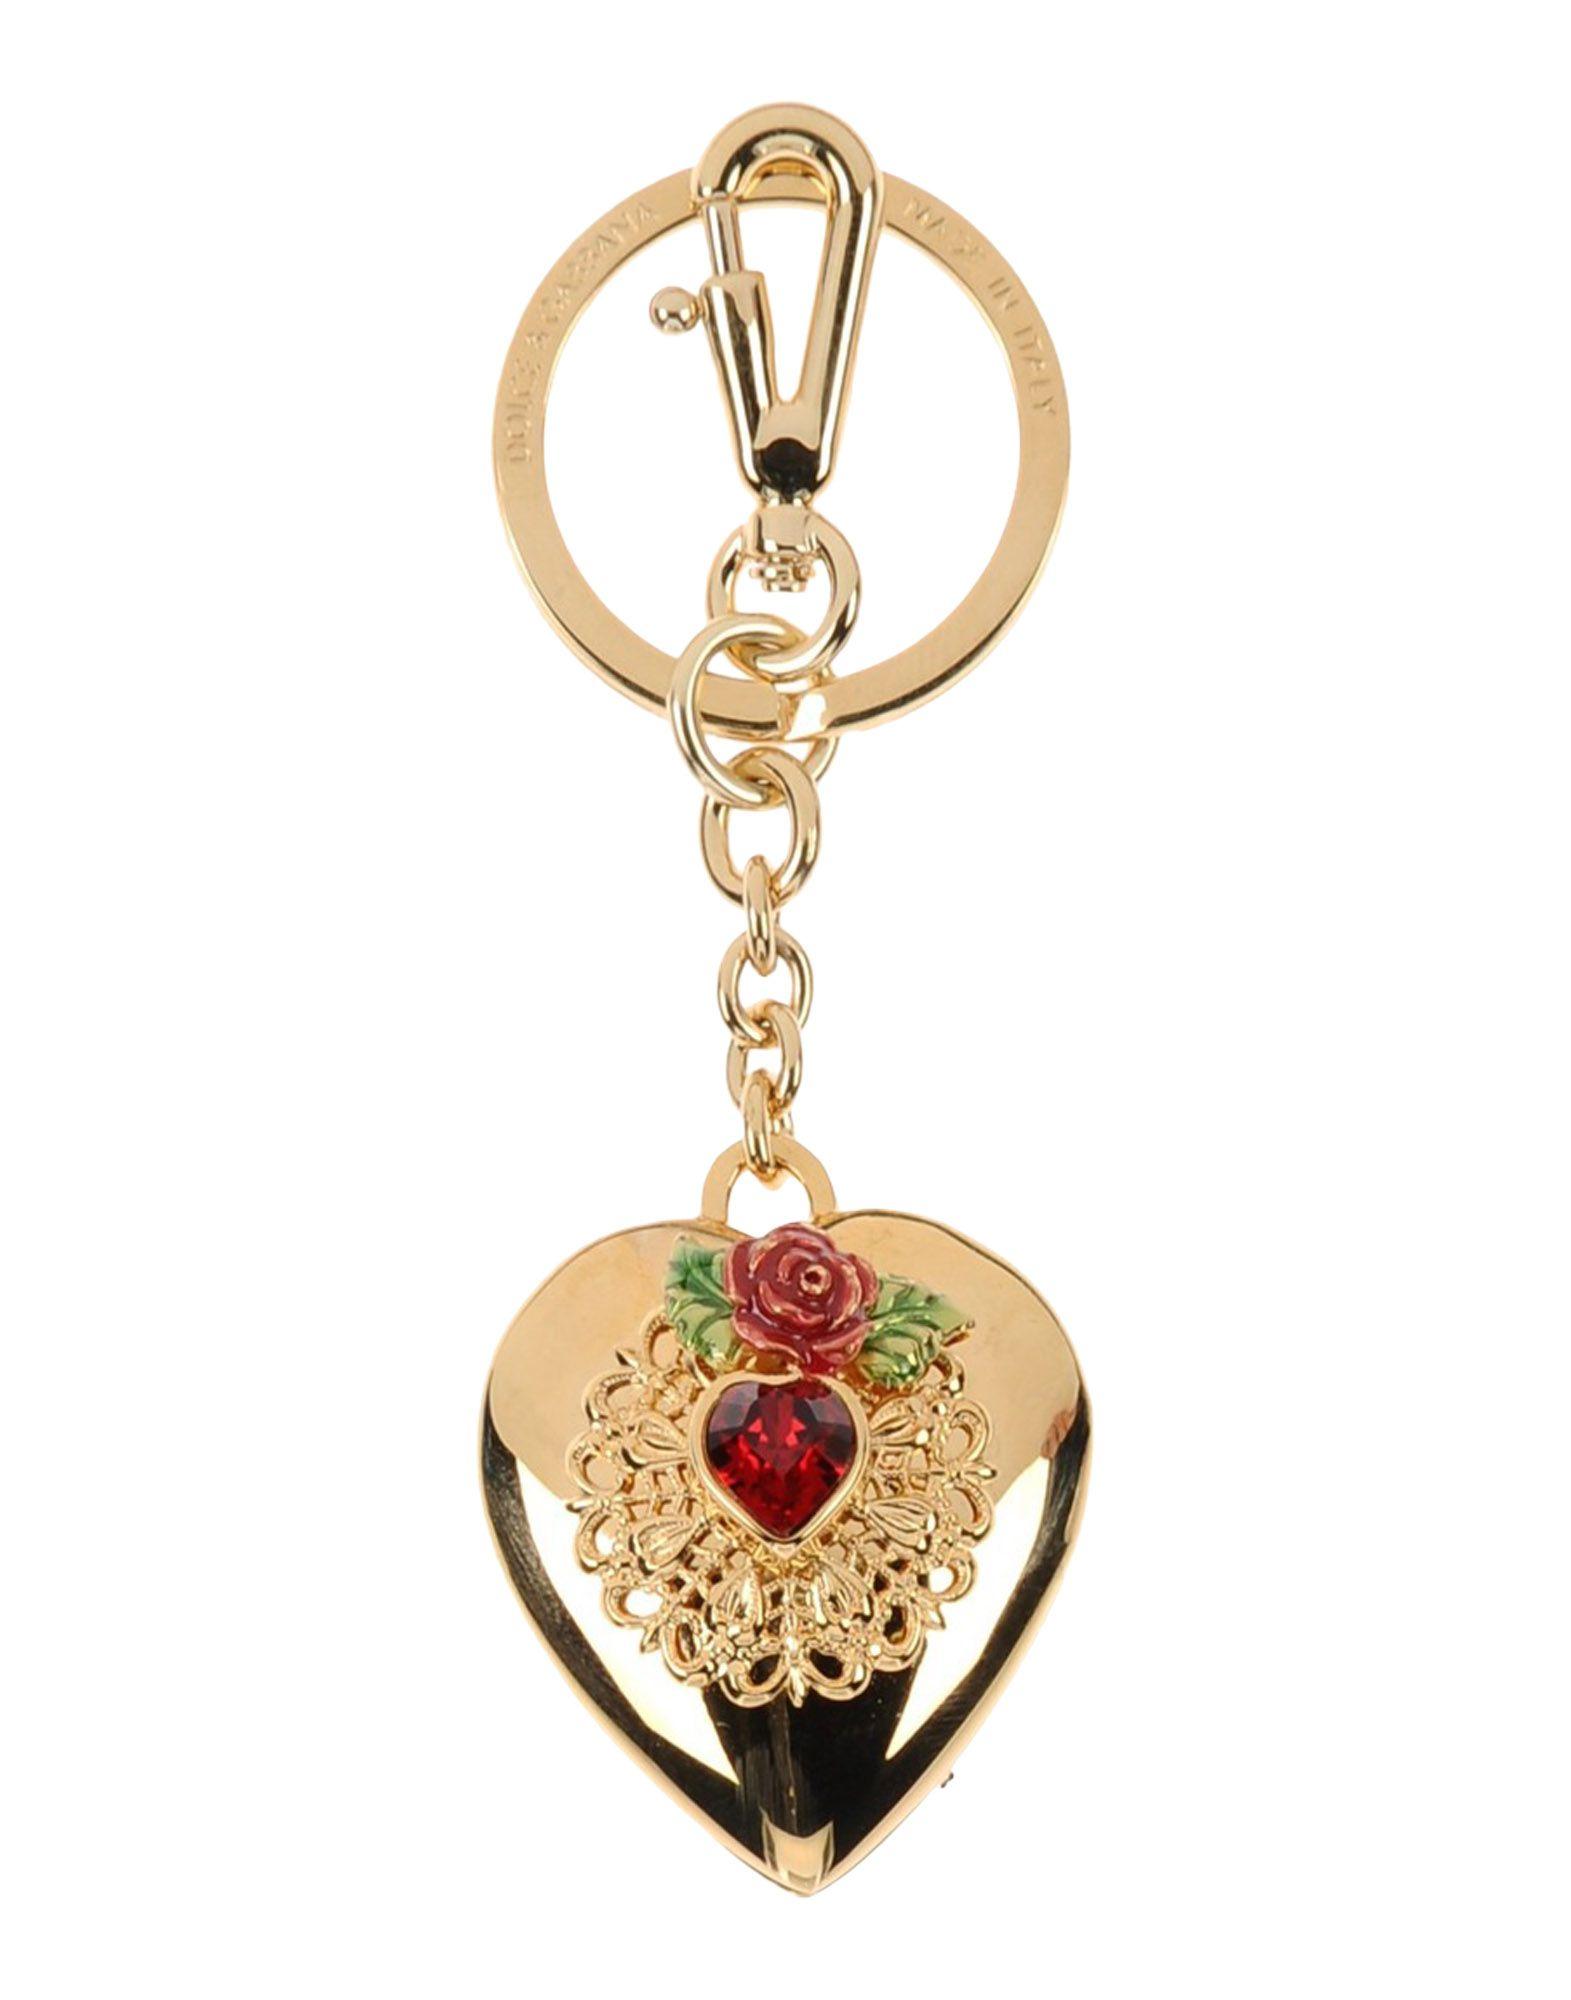 DOLCE & GABBANA Брелок для ключей брелок для ключей сердечко русские подарки брелок для ключей сердечко